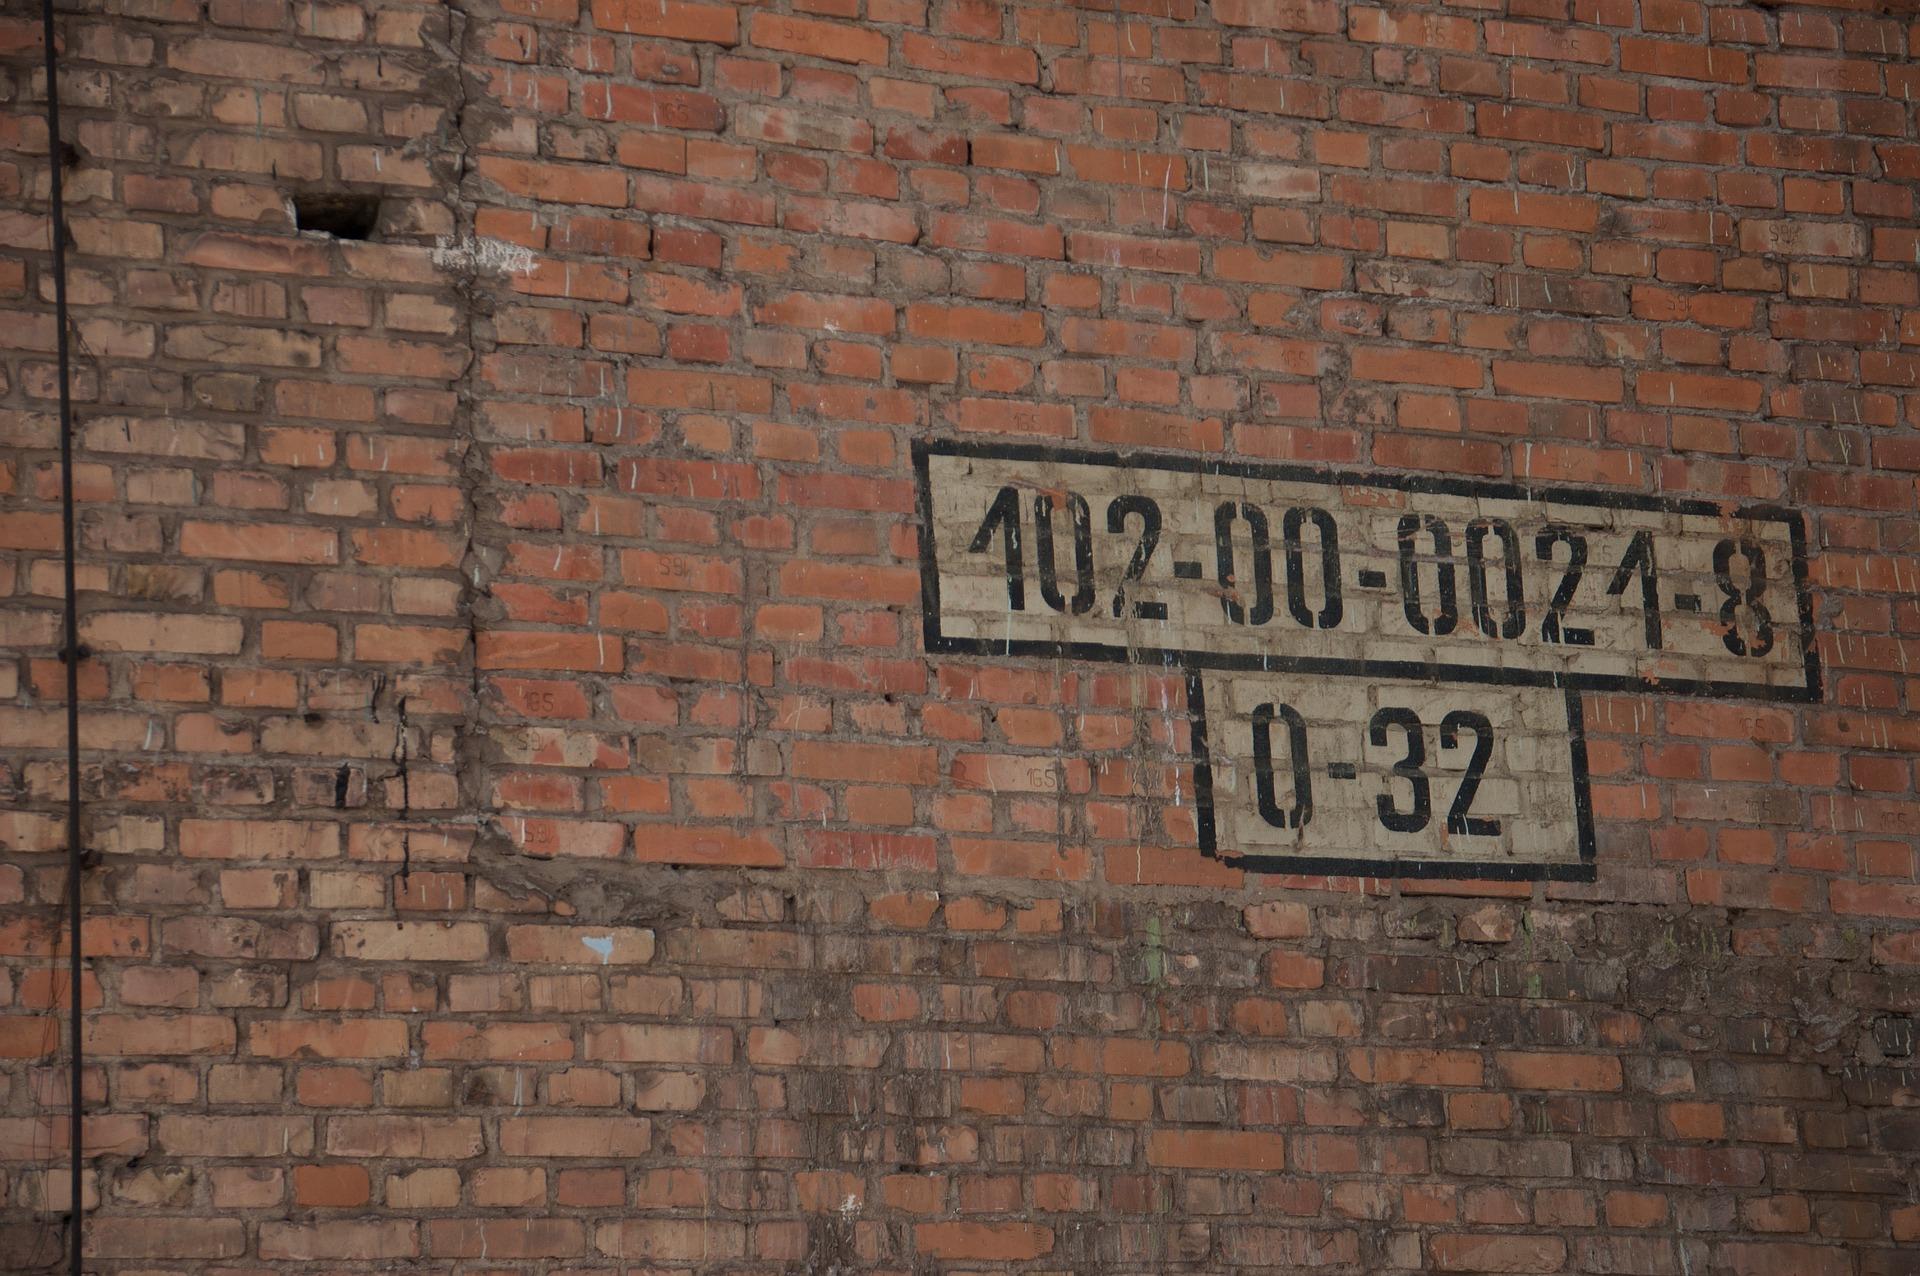 bricks-948805_1920.jpg